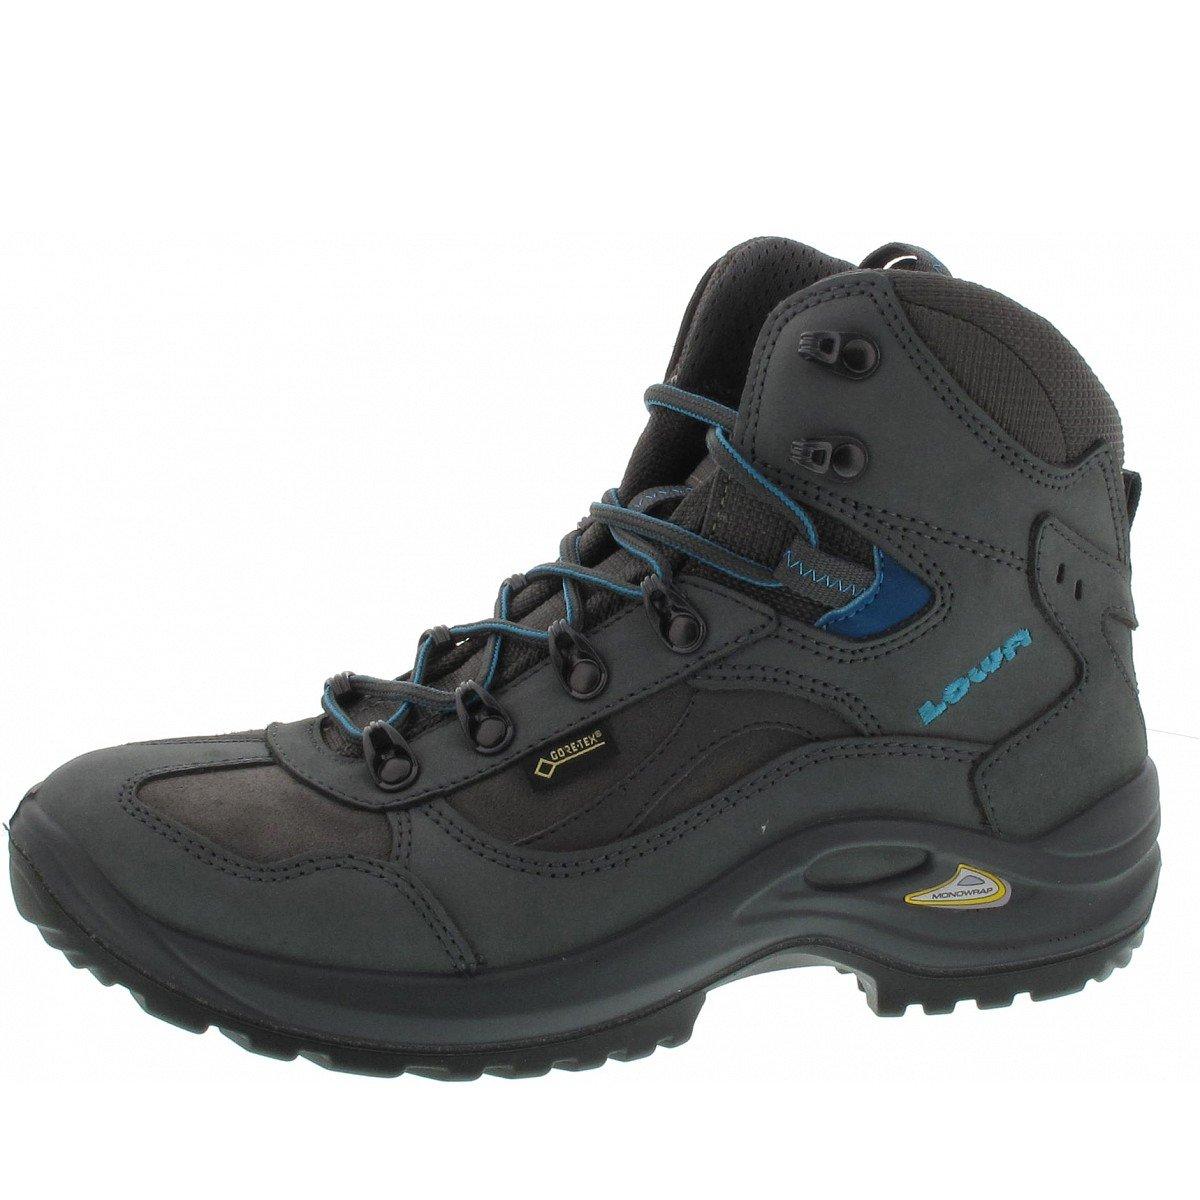 Niedriga Damen Trekking-Schuh Stratton Terrain DLX GTX Mid Ws All Terrain Stratton grau / türkis d7b63f